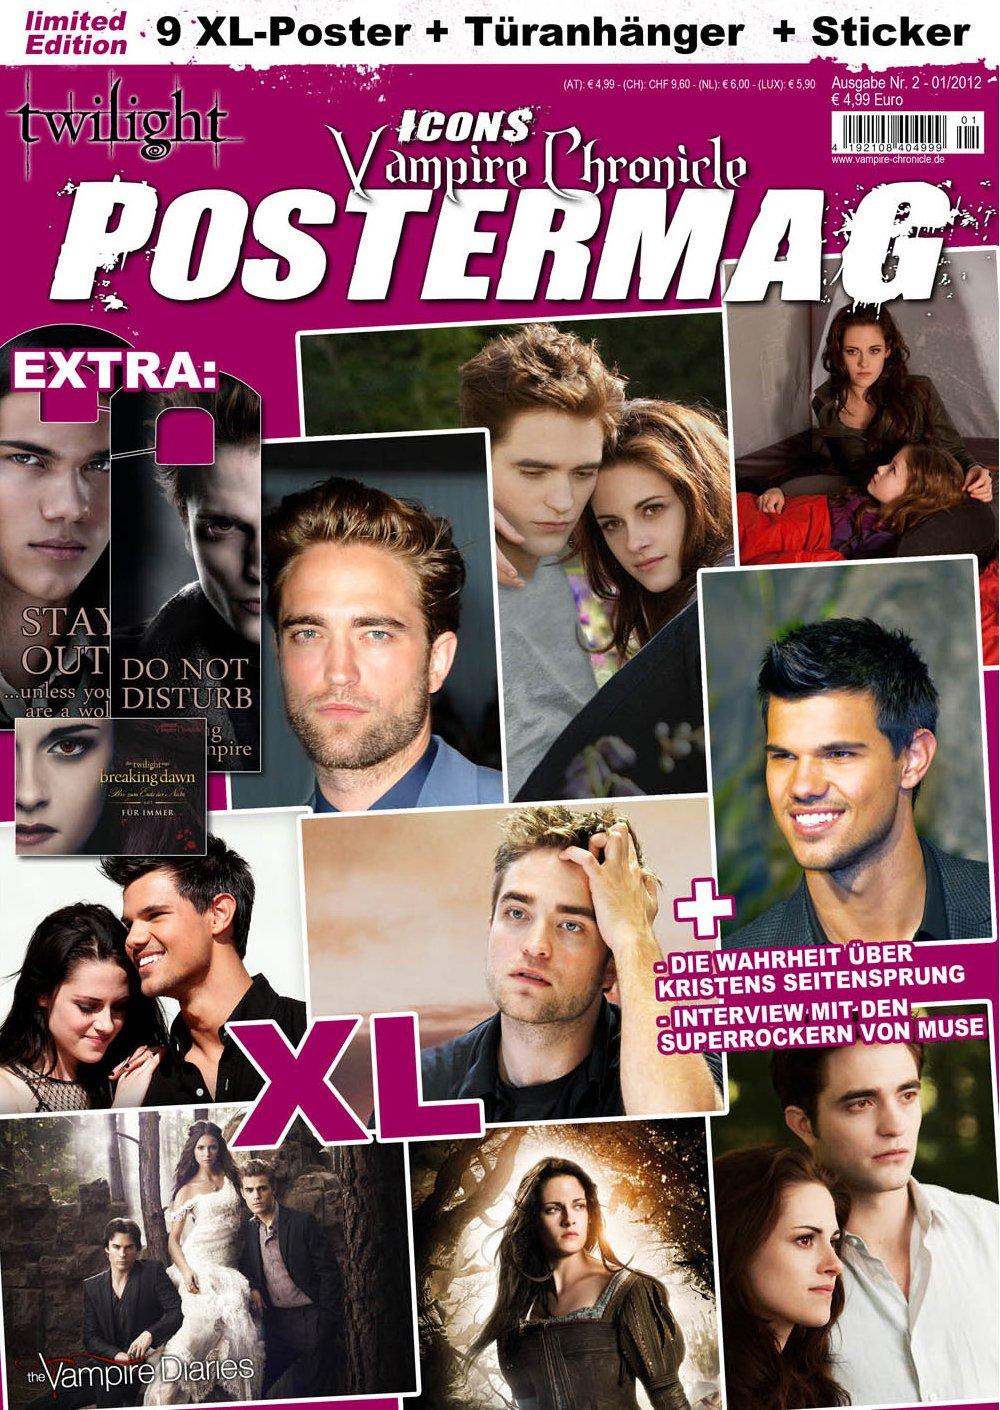 Icons Vampire Chronicle Postermag 2, inkl. 9 XL-Poster von Twilight, Robert Pattinson, Vampire Diaries + neue Hintergrundinfos über Kristen Stewart + Sticker + Türanhänger Broschiert – 31. August 2012 Thomas Vogel Media e. K. 394251530X Film Film / Genre